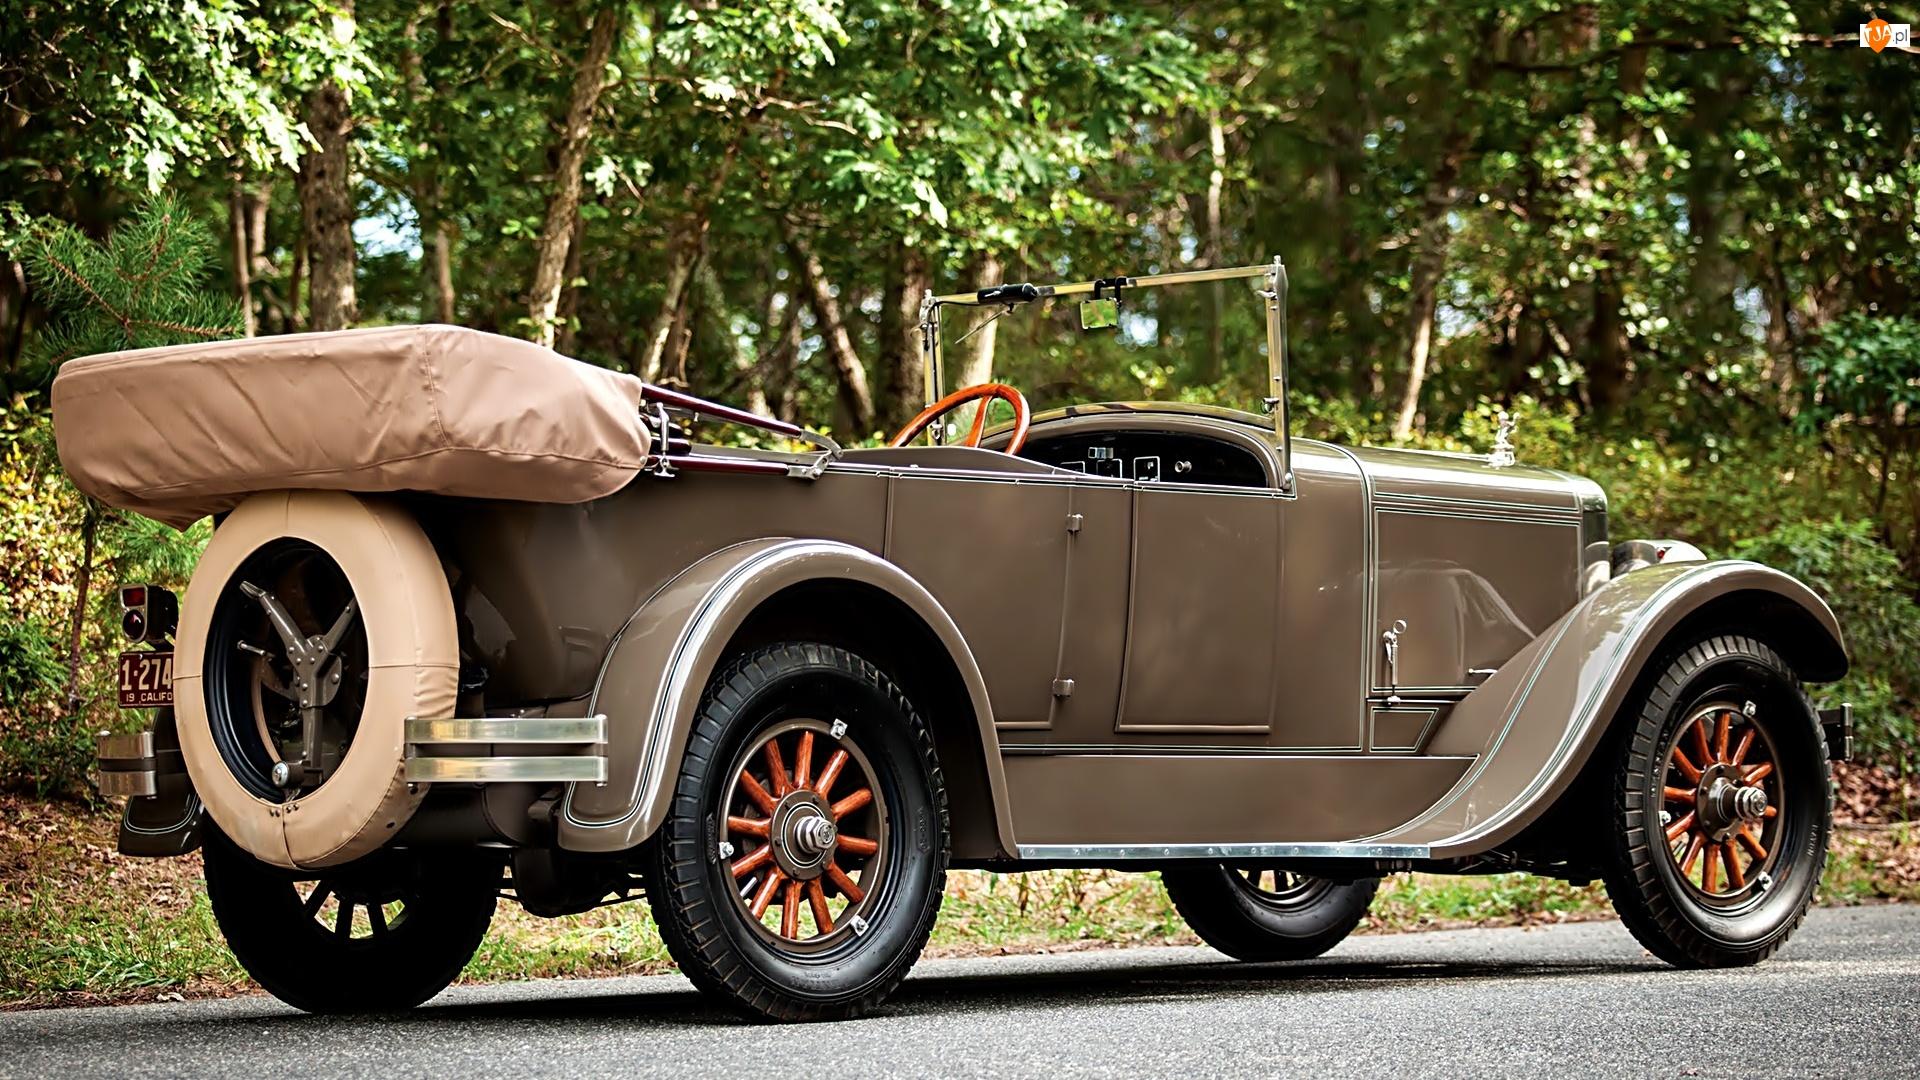 Samochód, 1927, Zabytkowy, Franklin 11B